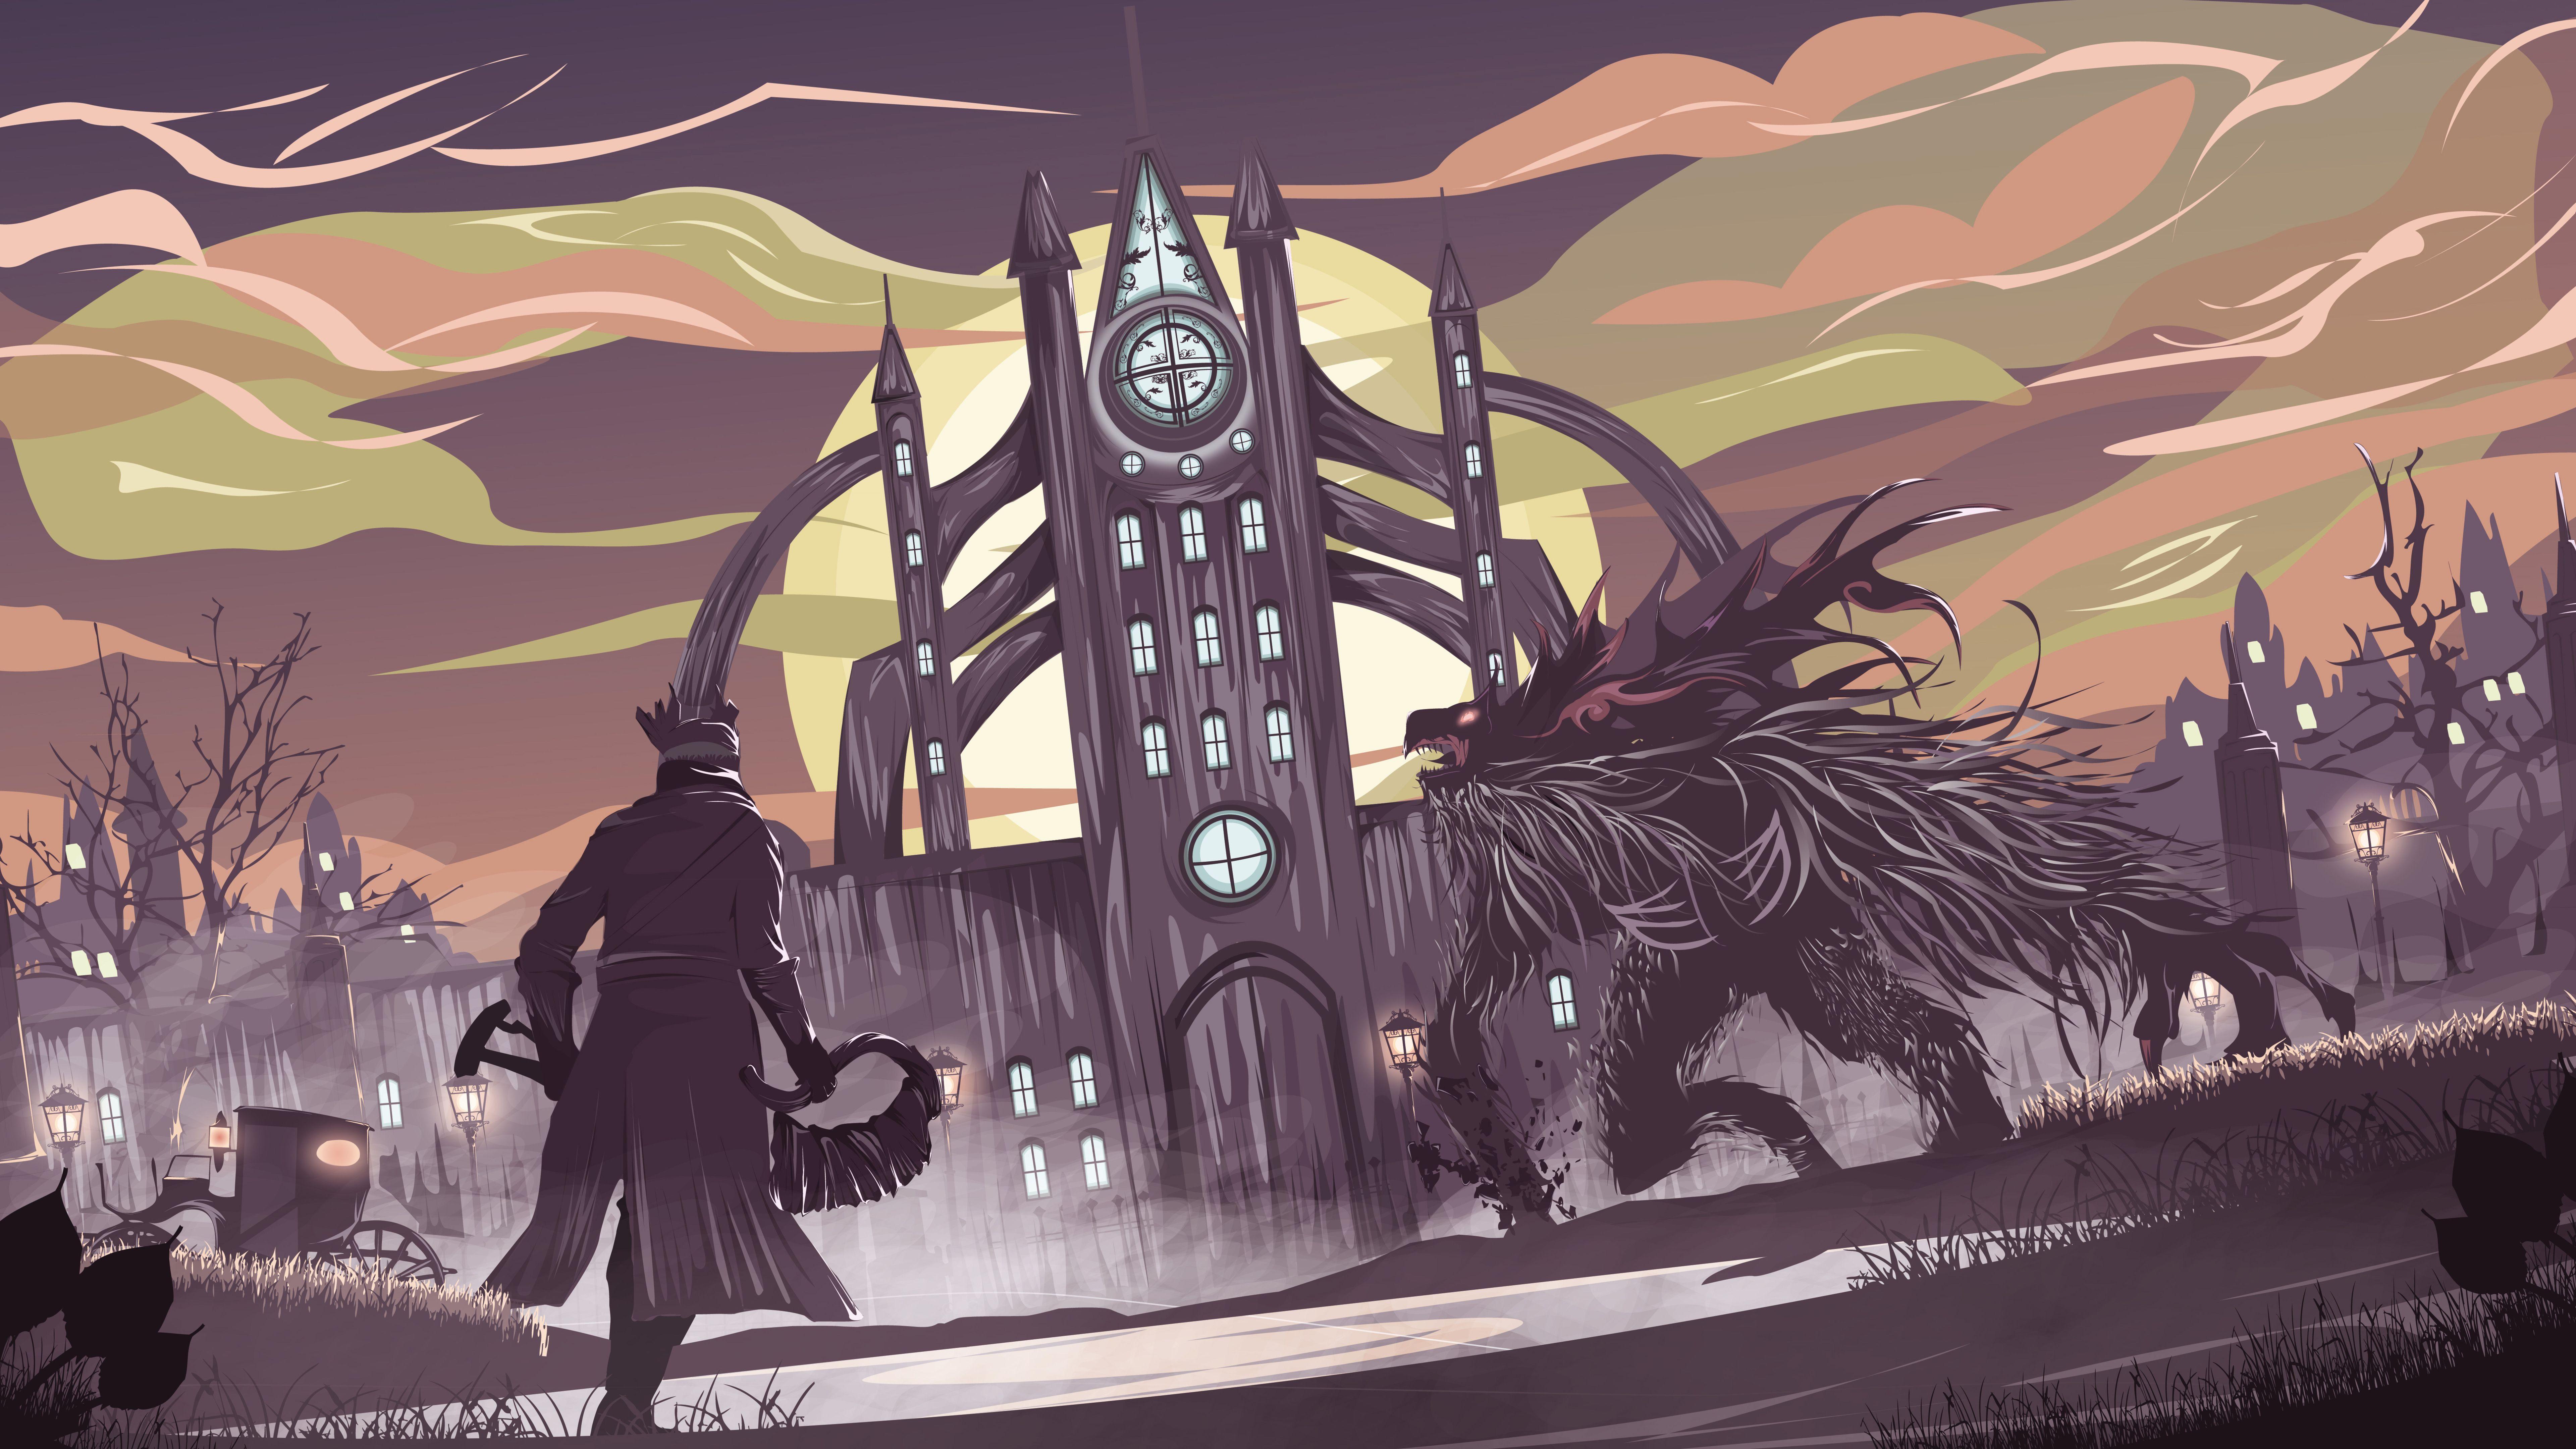 Bloodborne Game Artwork 8k 8k Wallpaper With Images